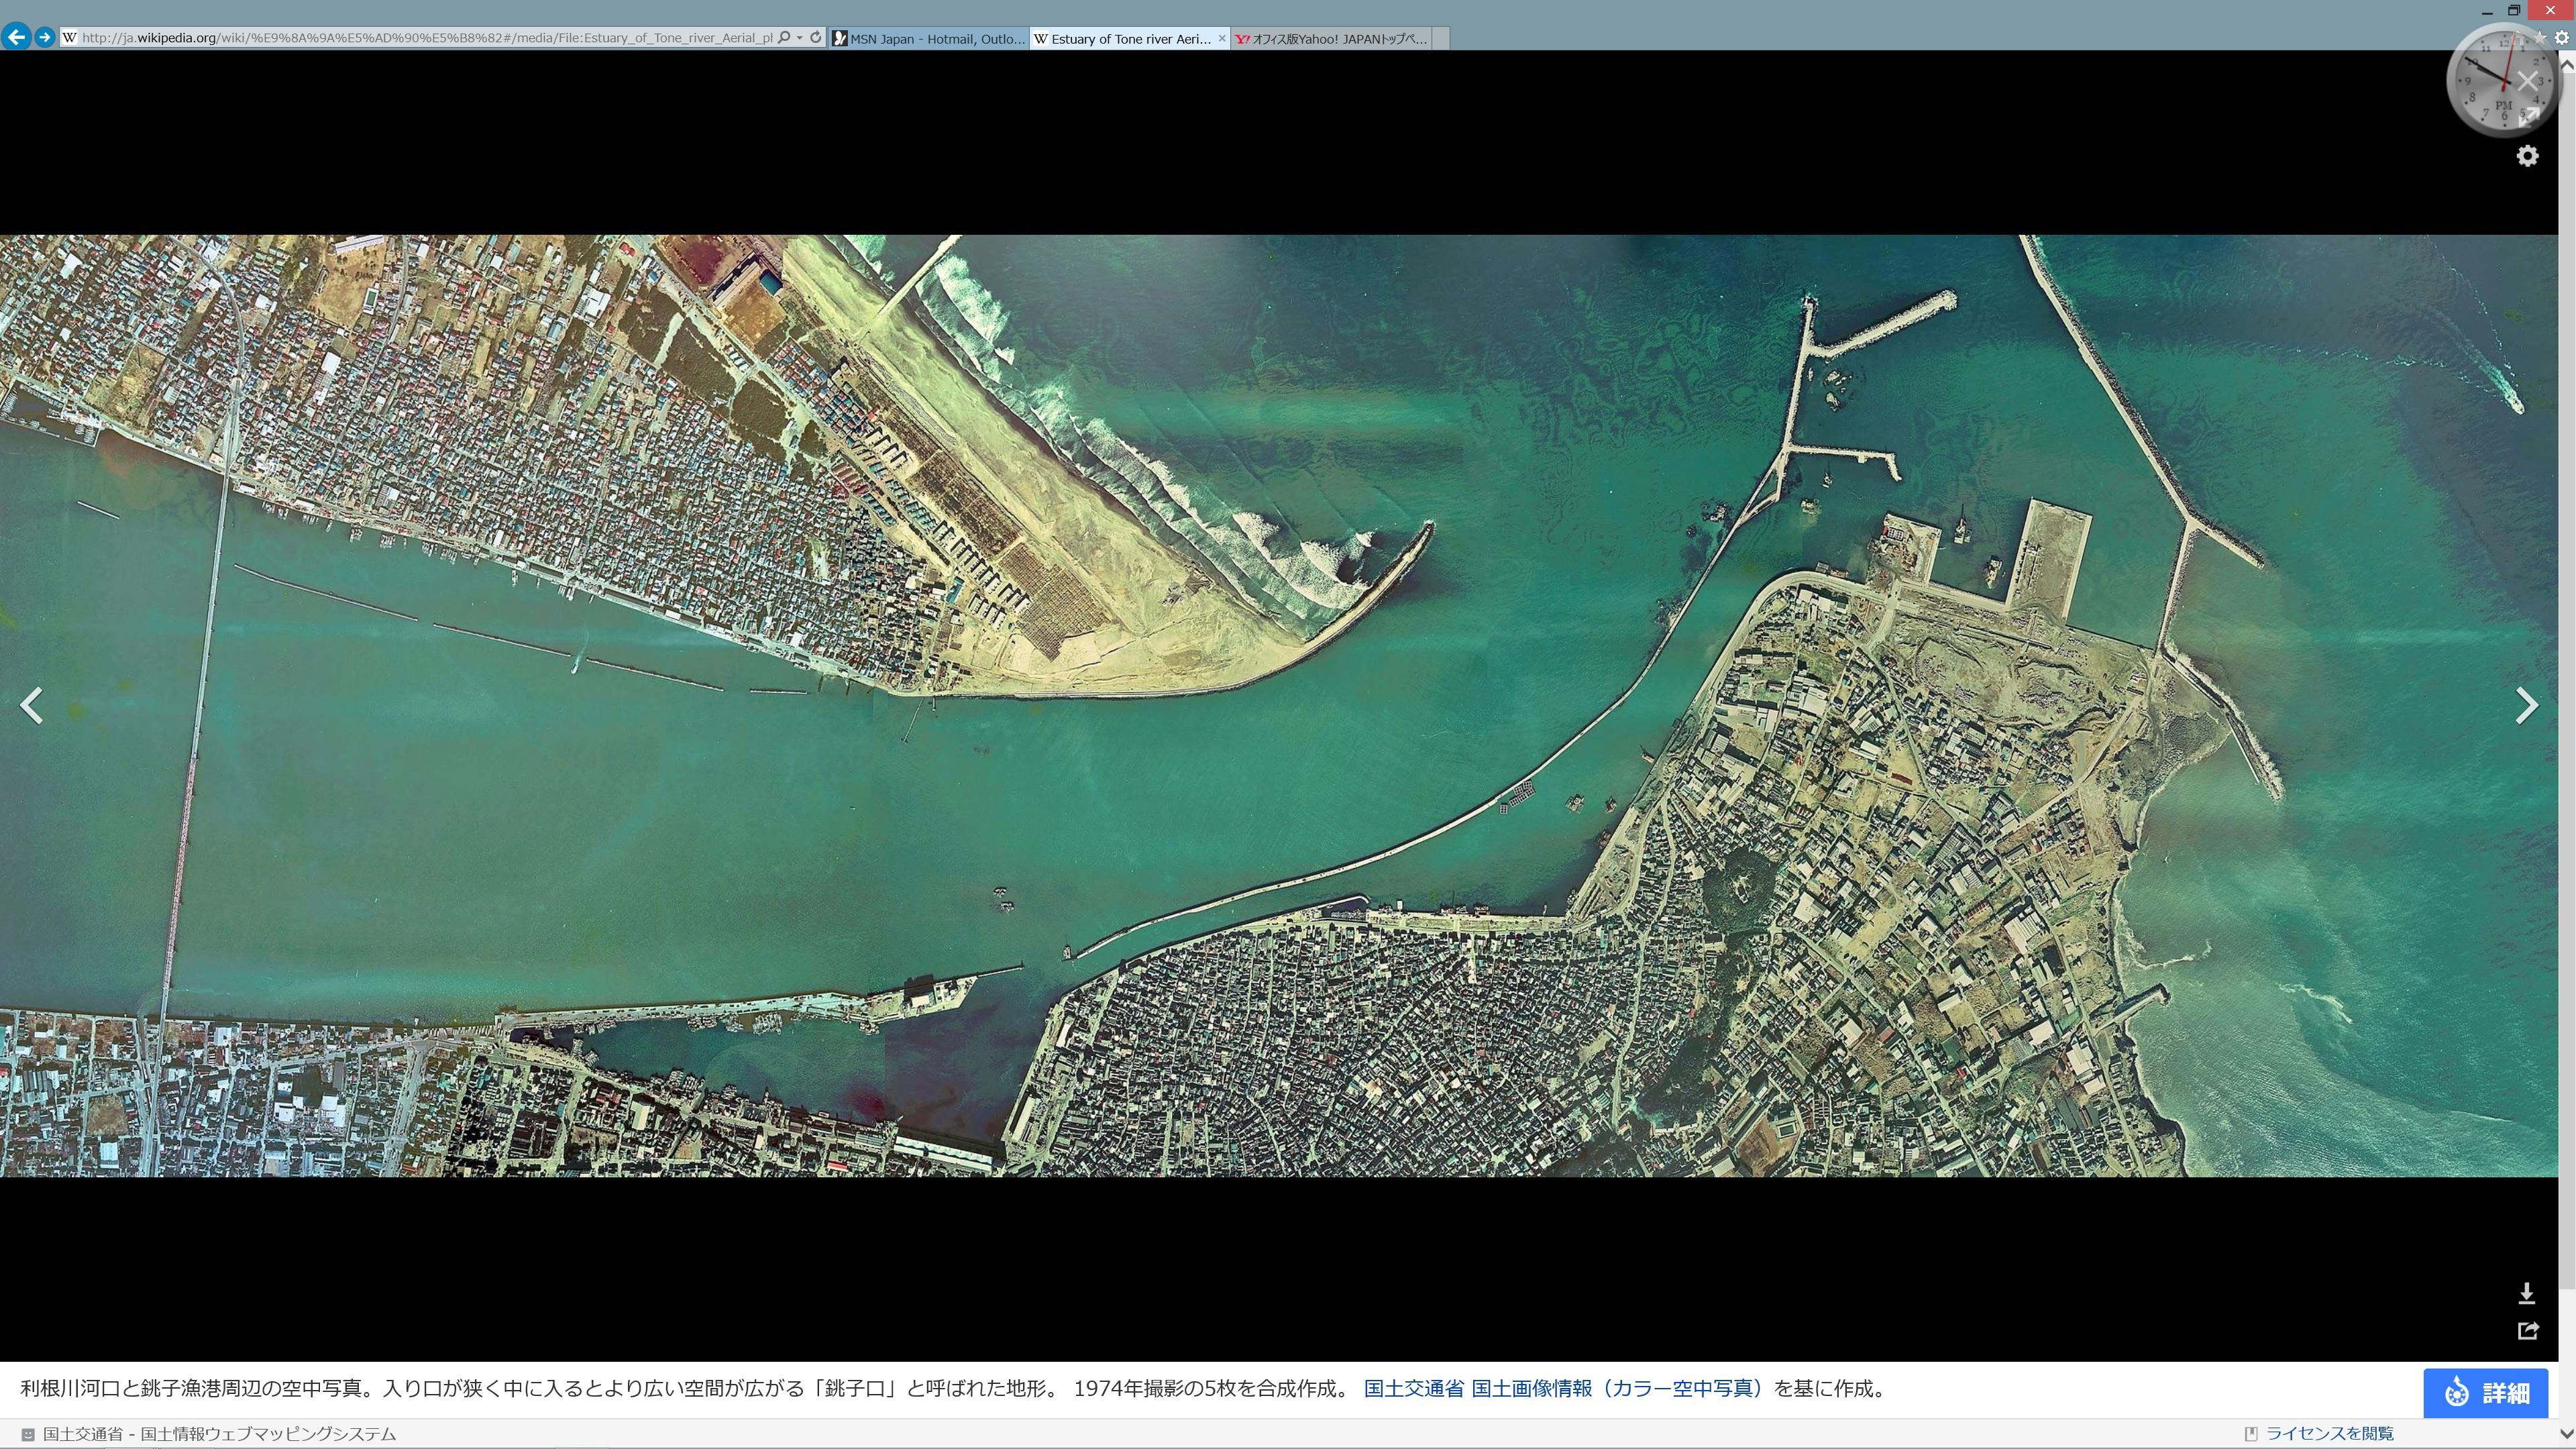 銚子漁港俯瞰地図(国土交通省国土画像情報より)